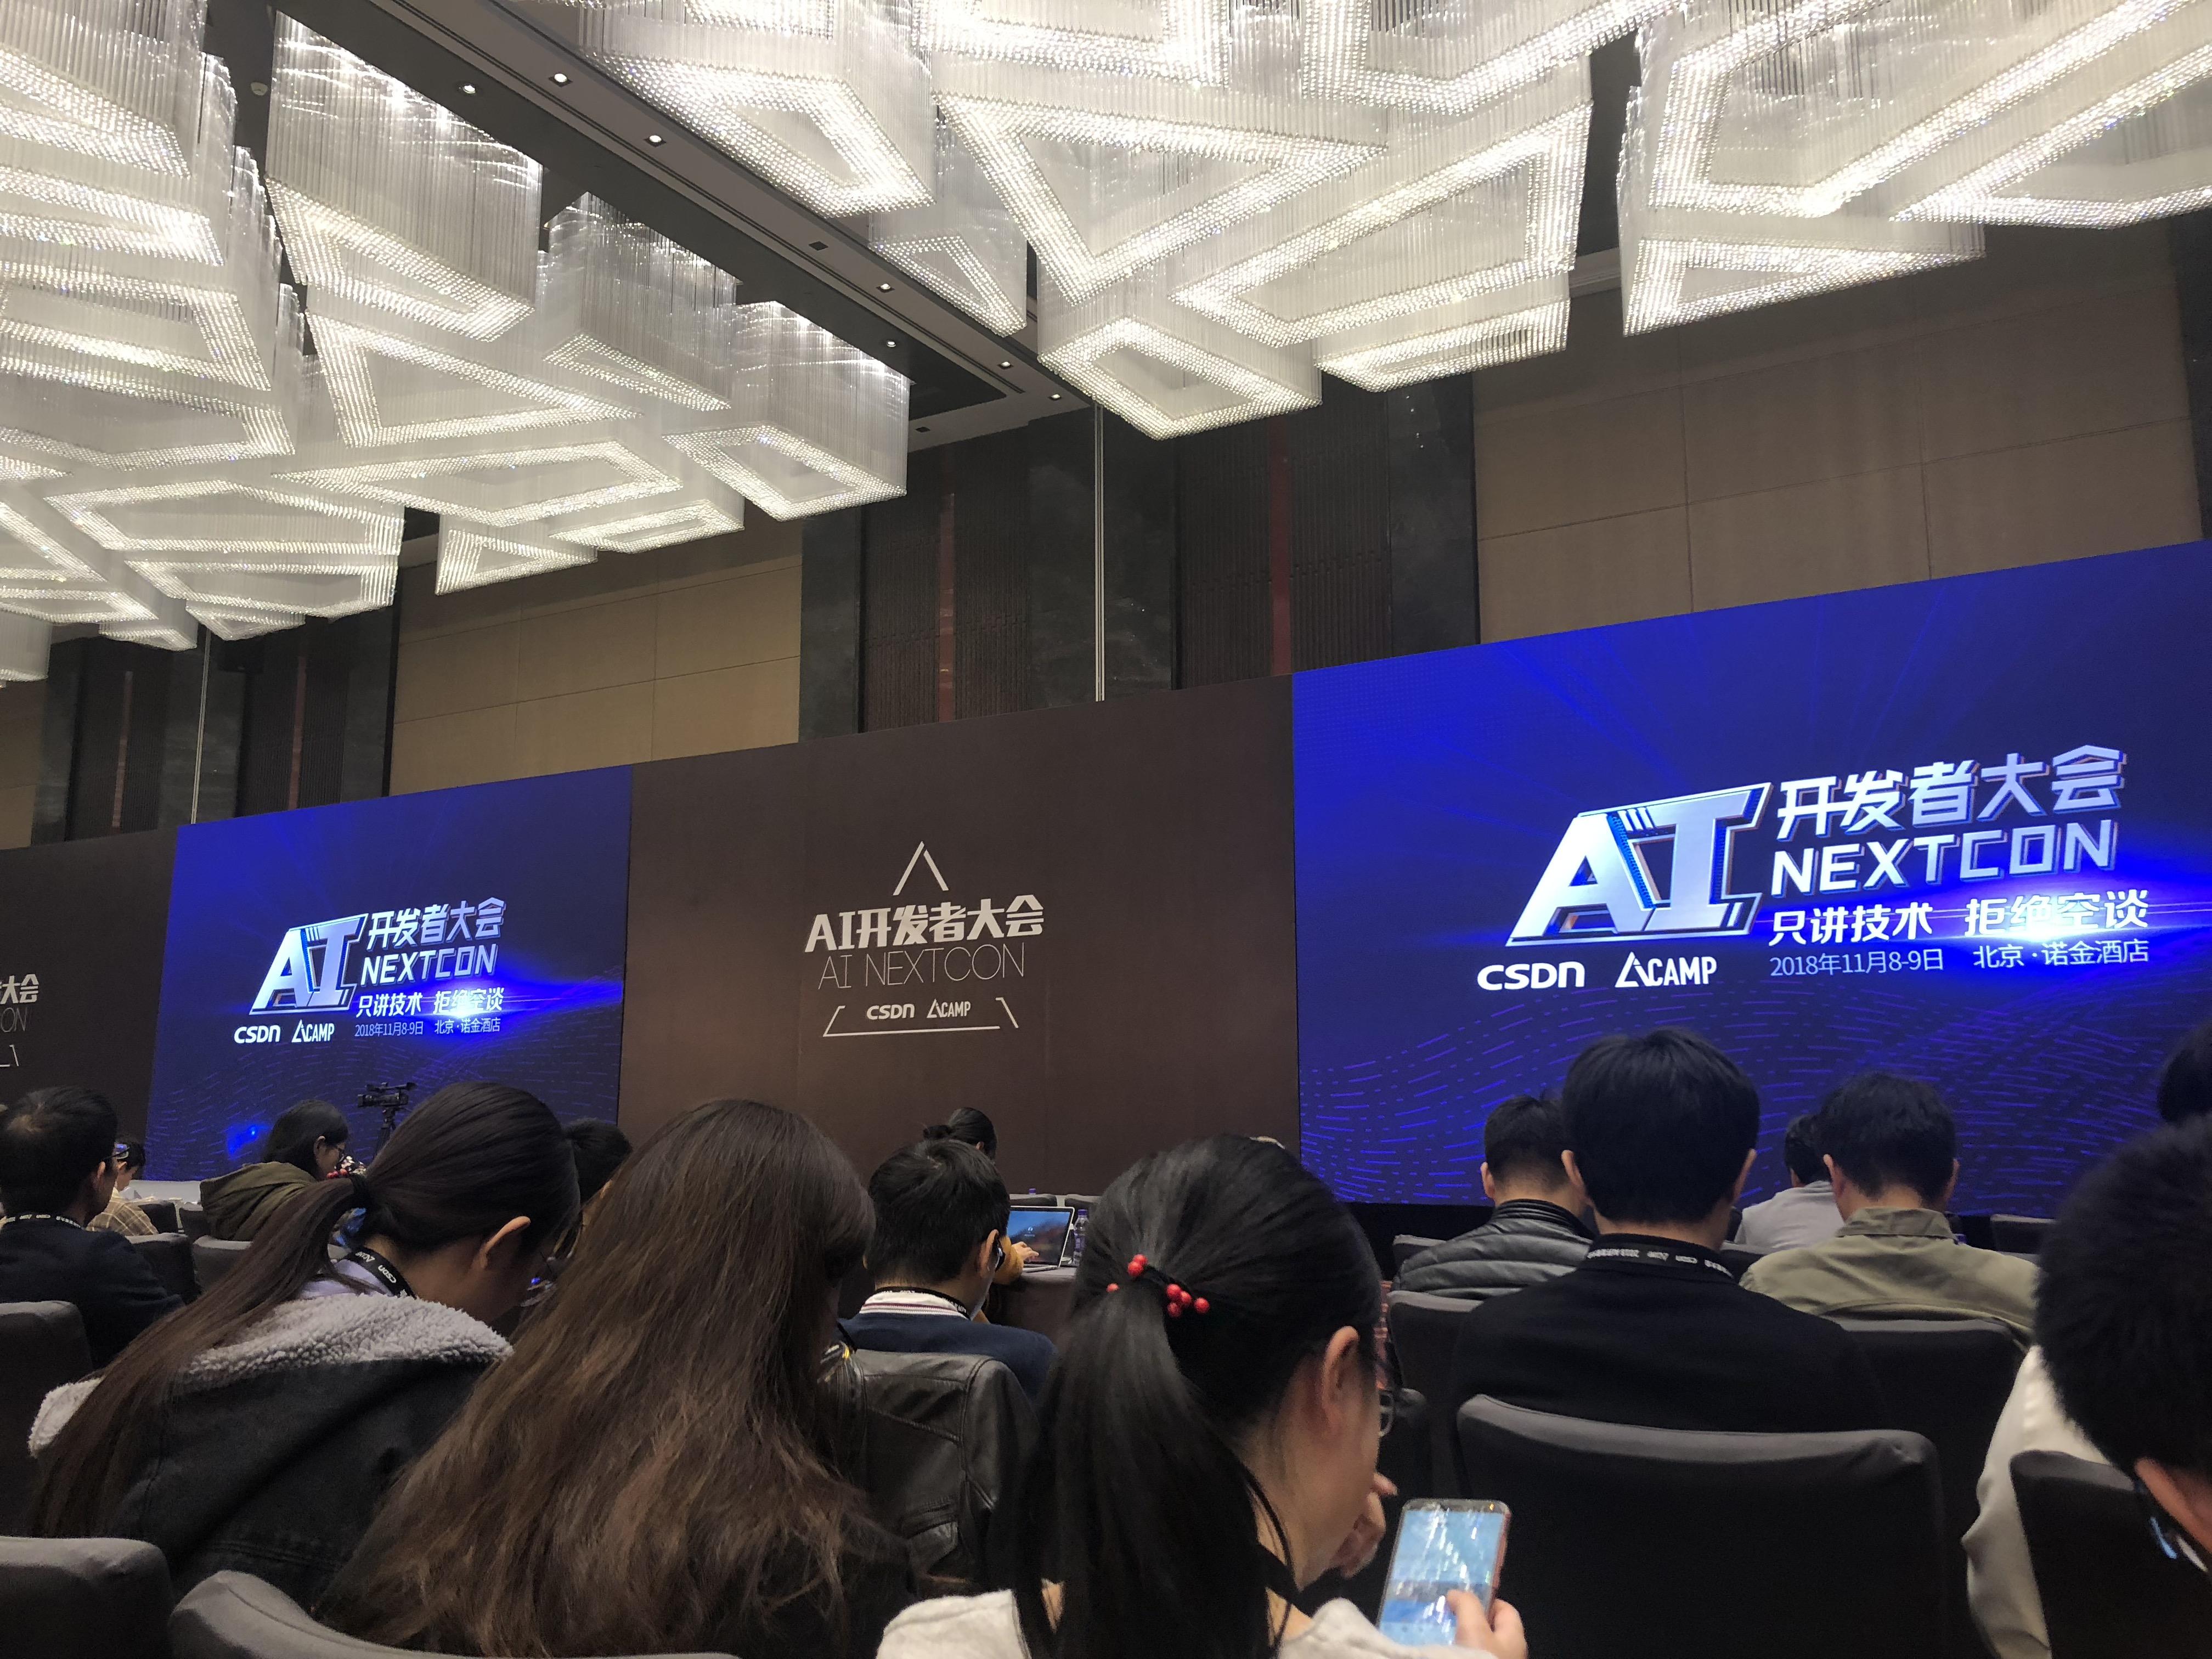 参加2018 Ai开发者大会有感!